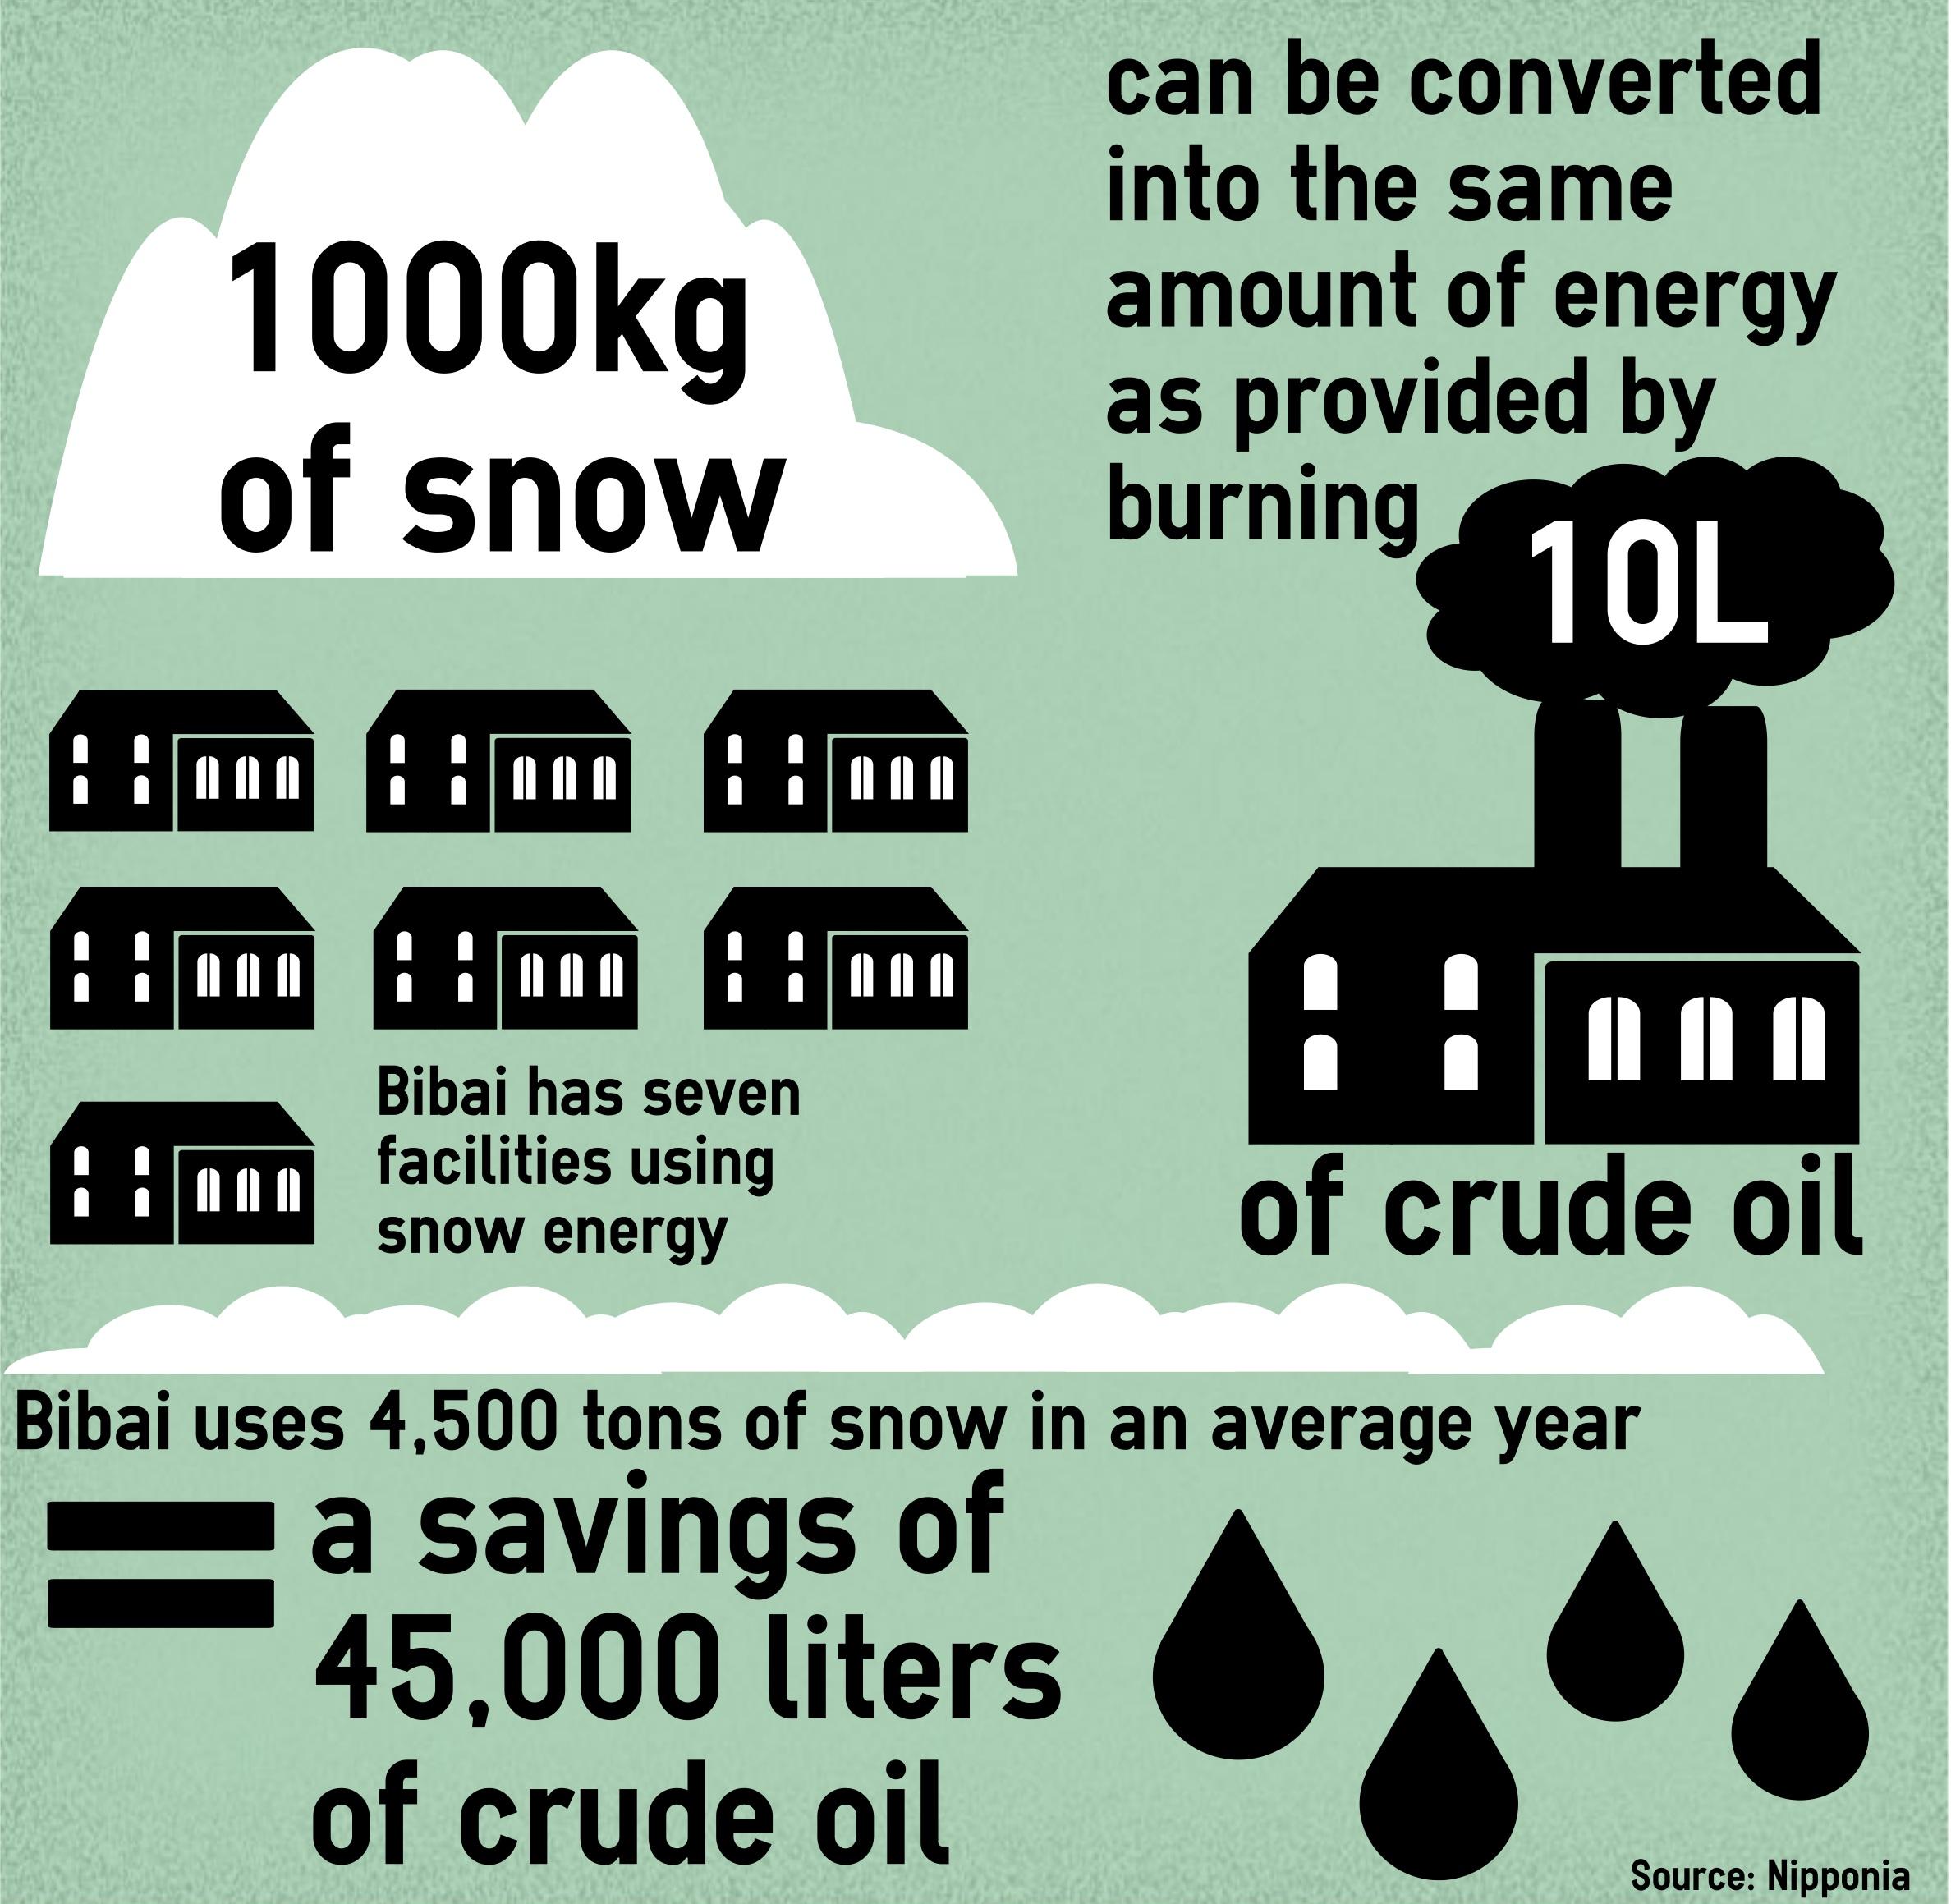 Bibai's snow-to-energy benefits